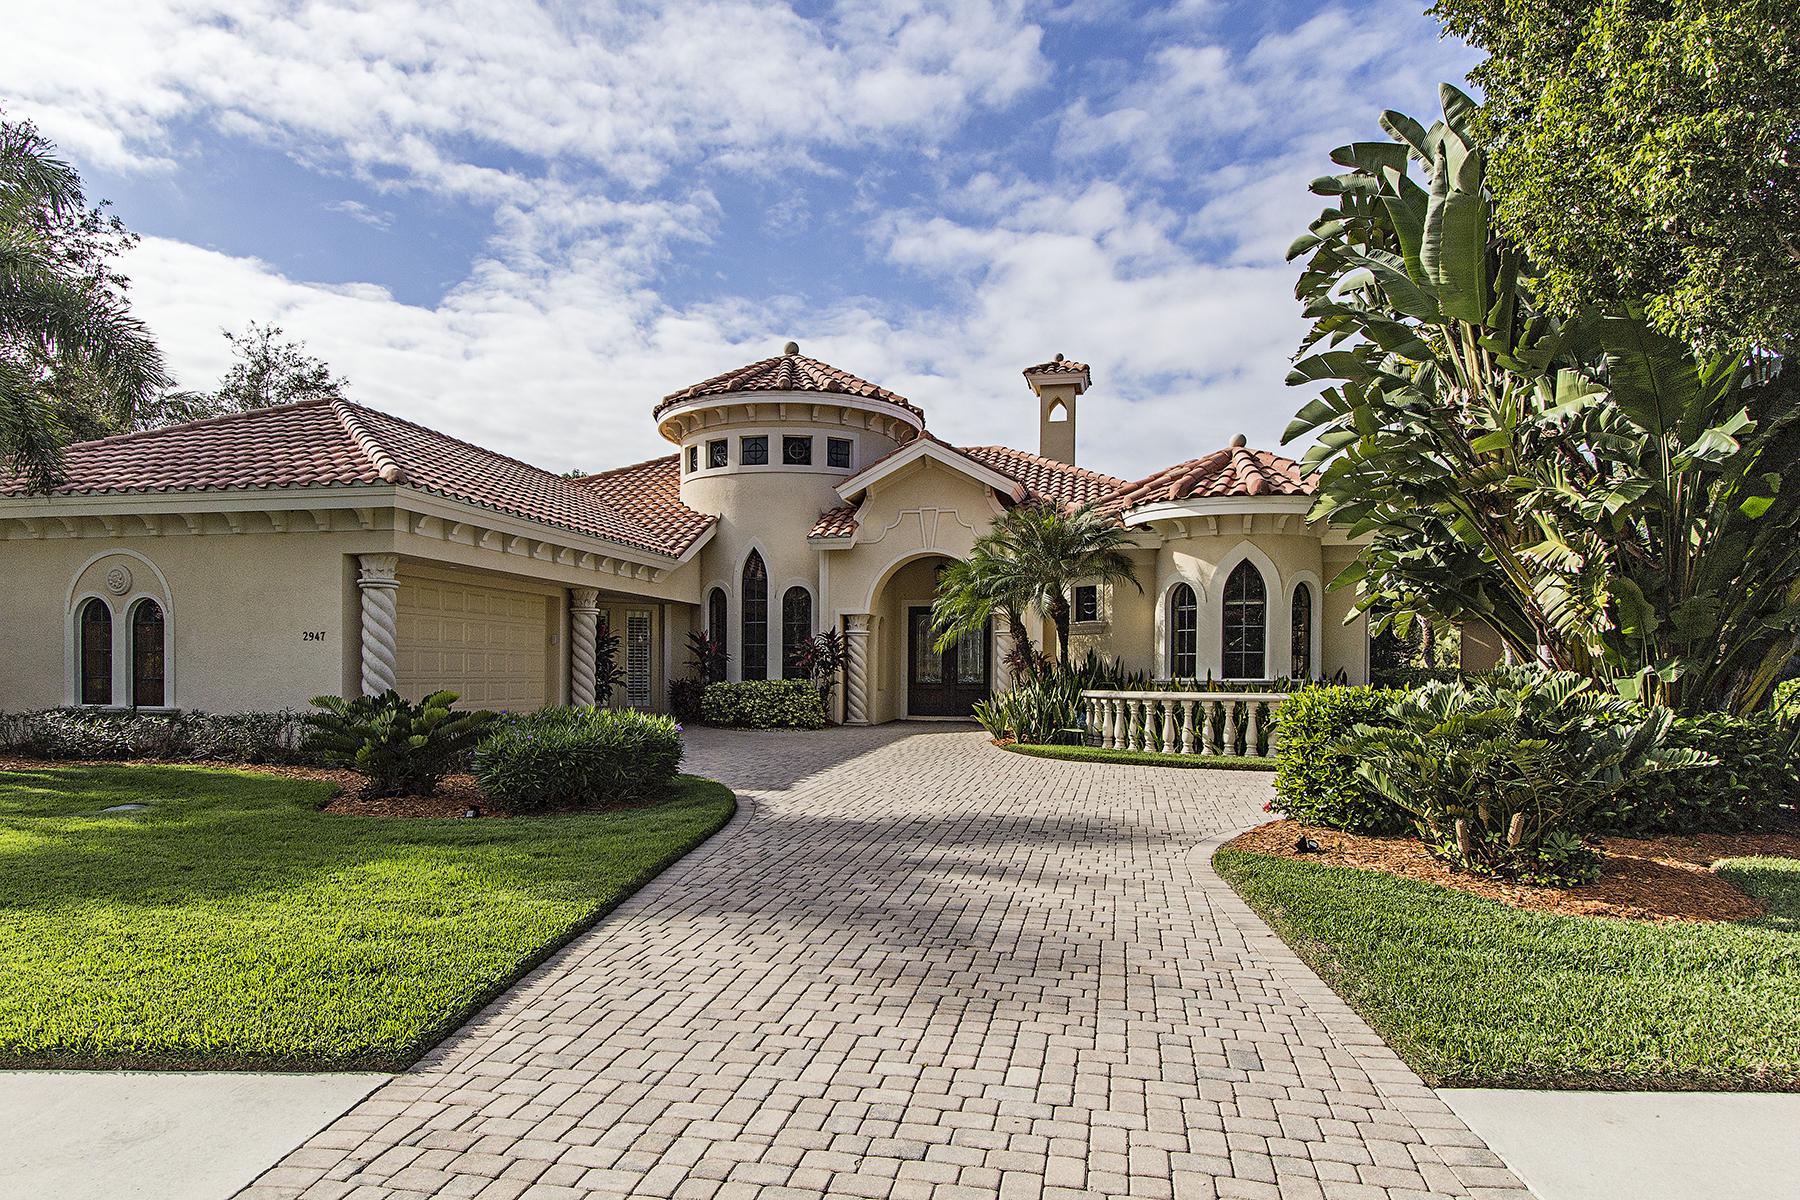 Частный односемейный дом для того Продажа на Naples 2947 Mona Lisa Blvd Naples, Флорида, 34119 Соединенные Штаты